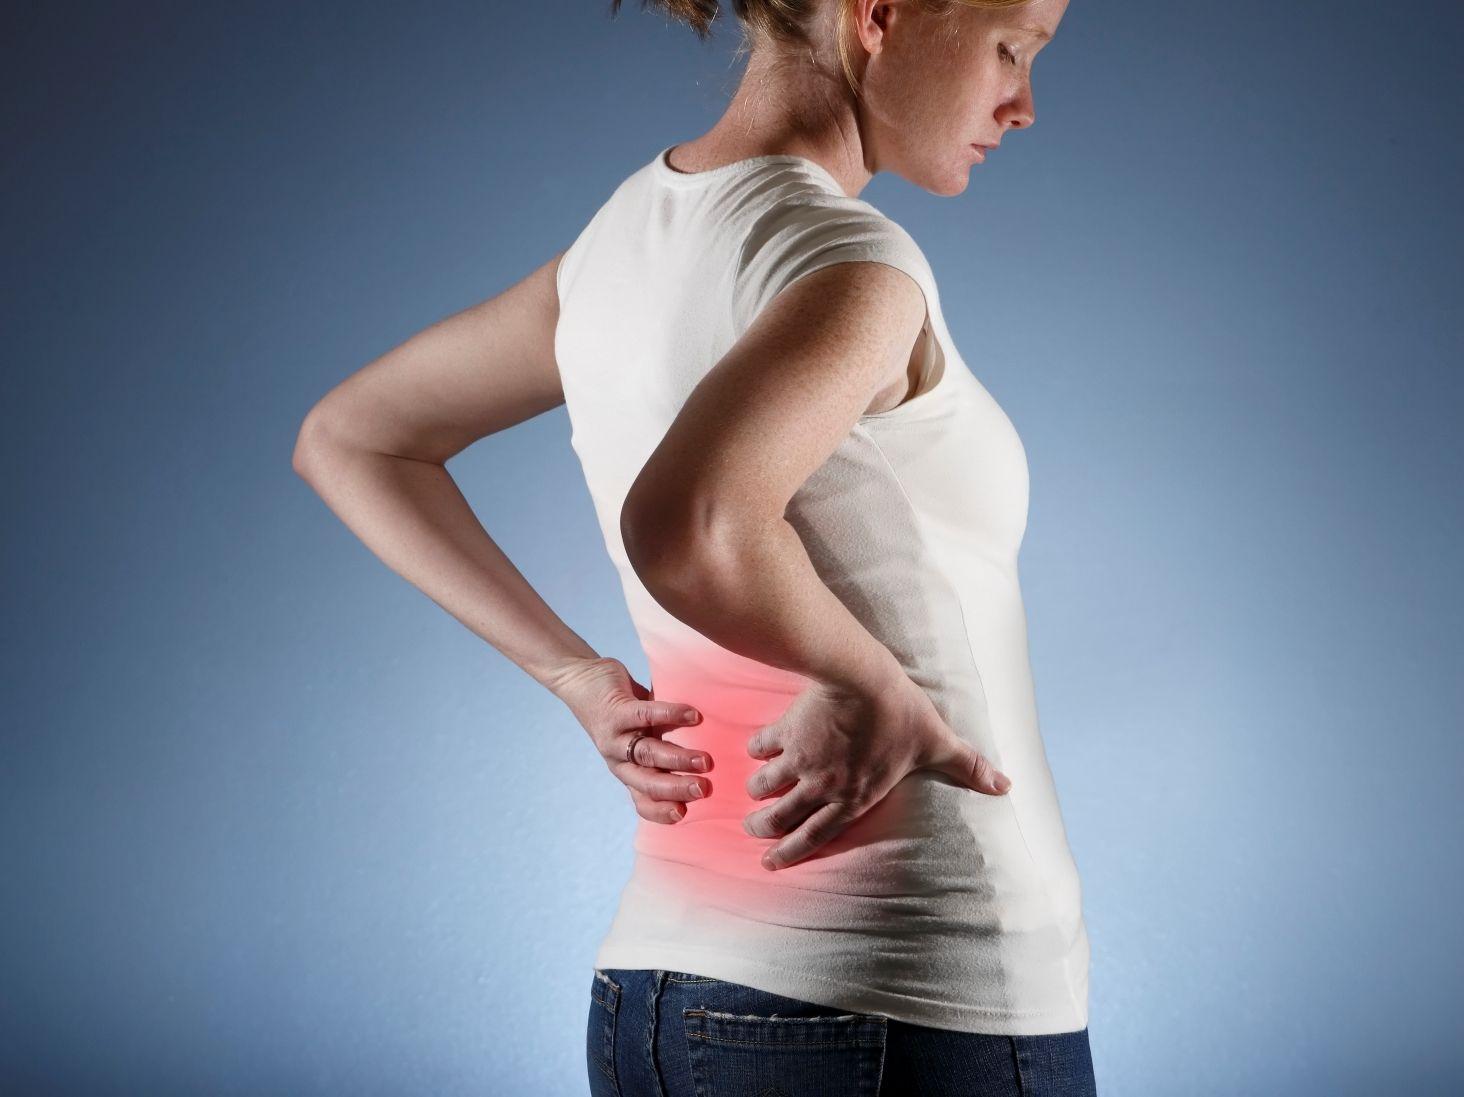 Сильная боль в пояснице, причины, симптомы, способы лечения